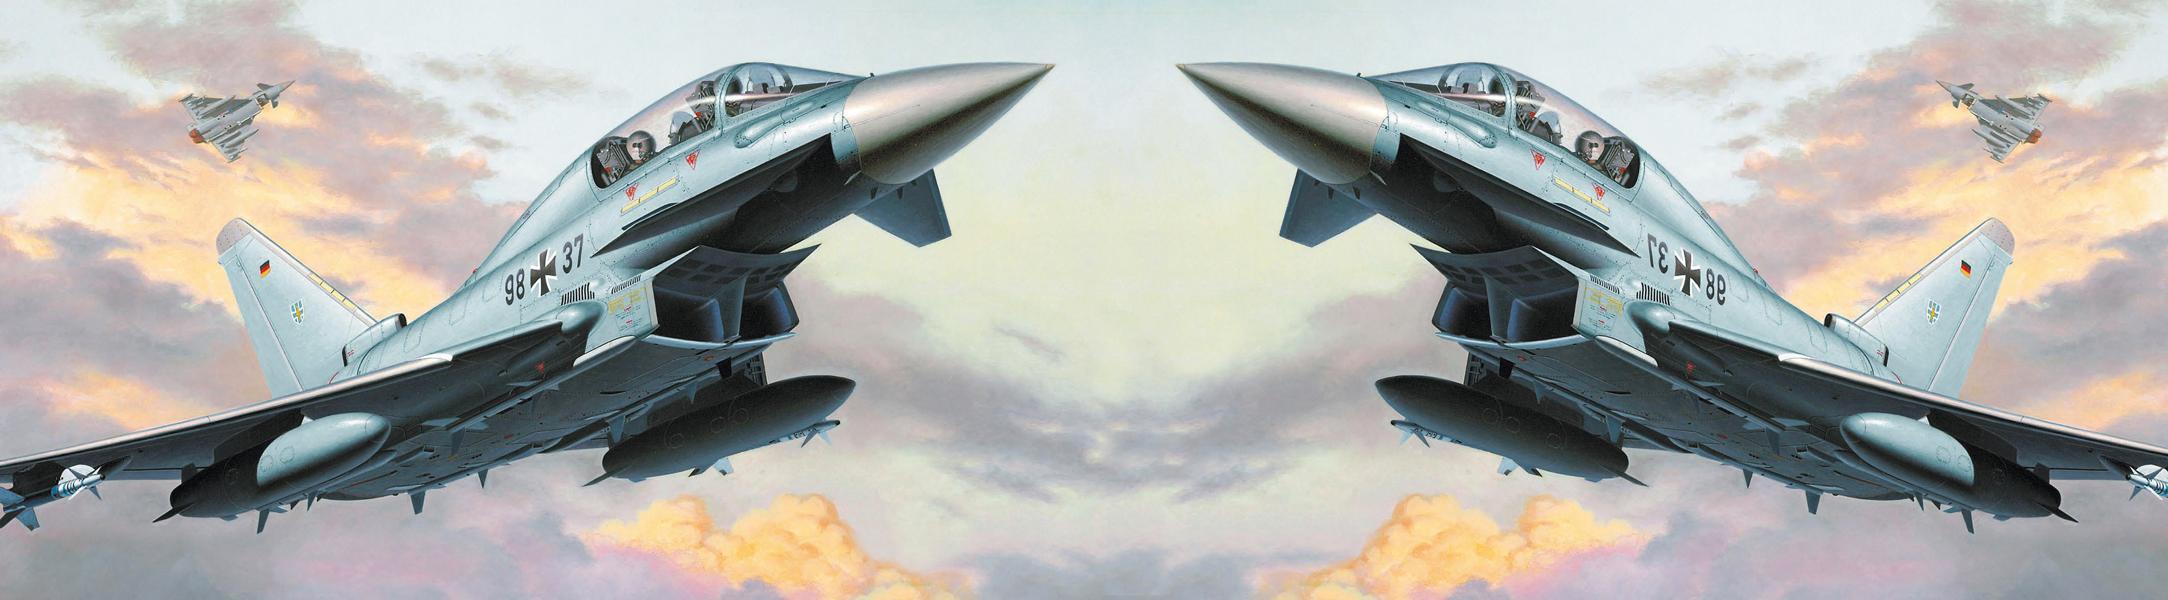 Gittex Luftwaffe  900x250 cm